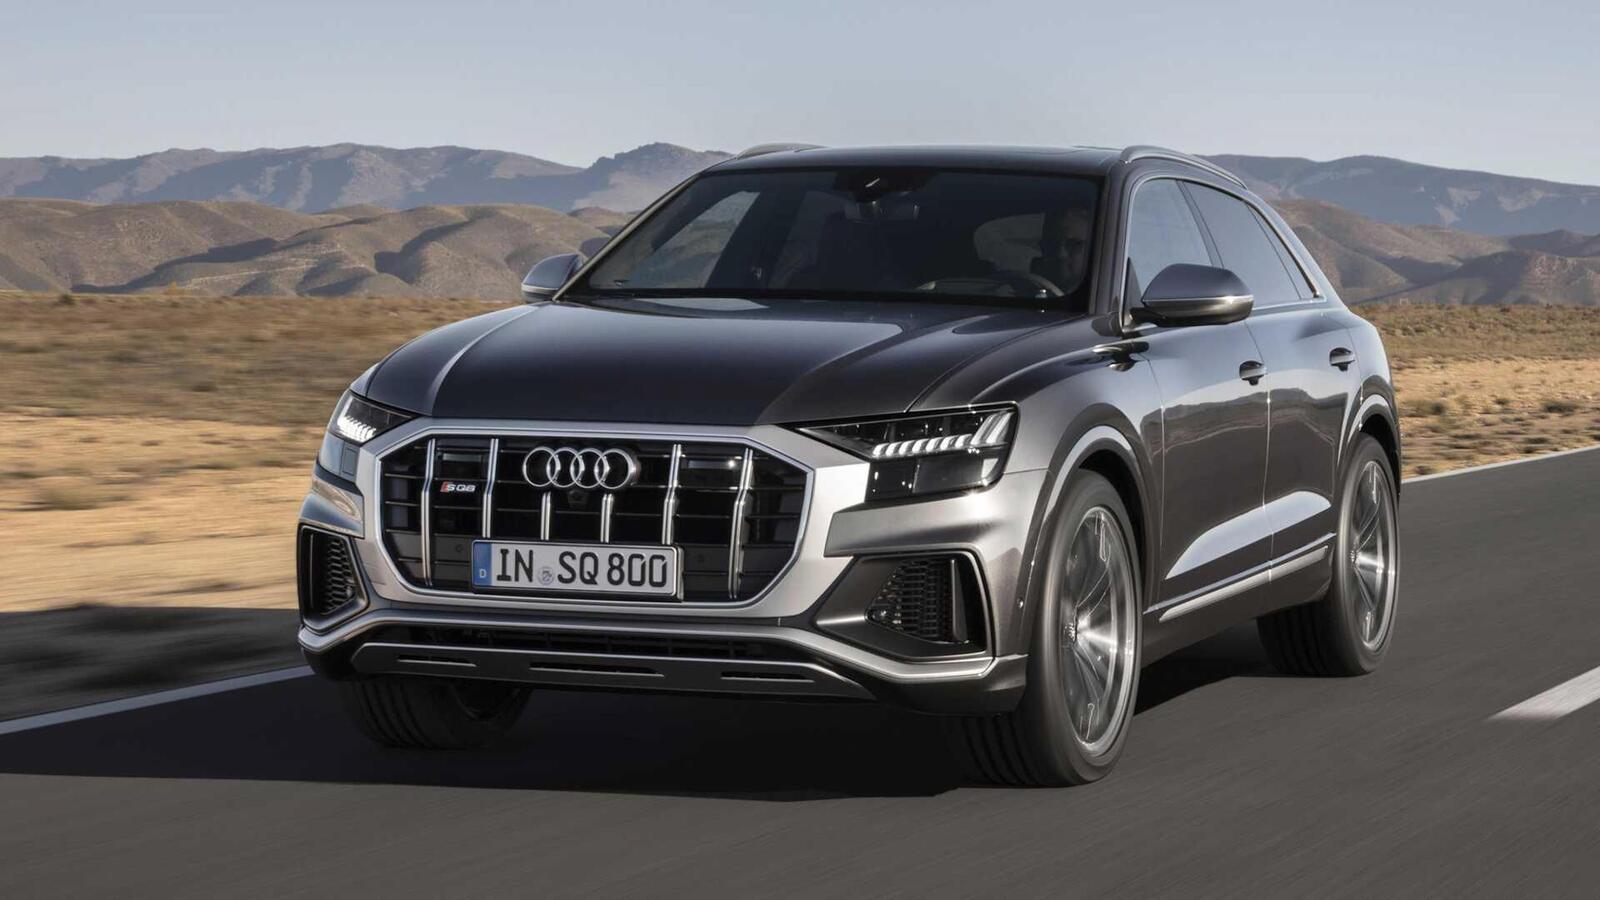 Audi SQ8 ra mắt lắp máy dầu V8 4.0L mild hybrid mạnh 429 mã lực - Hình 1